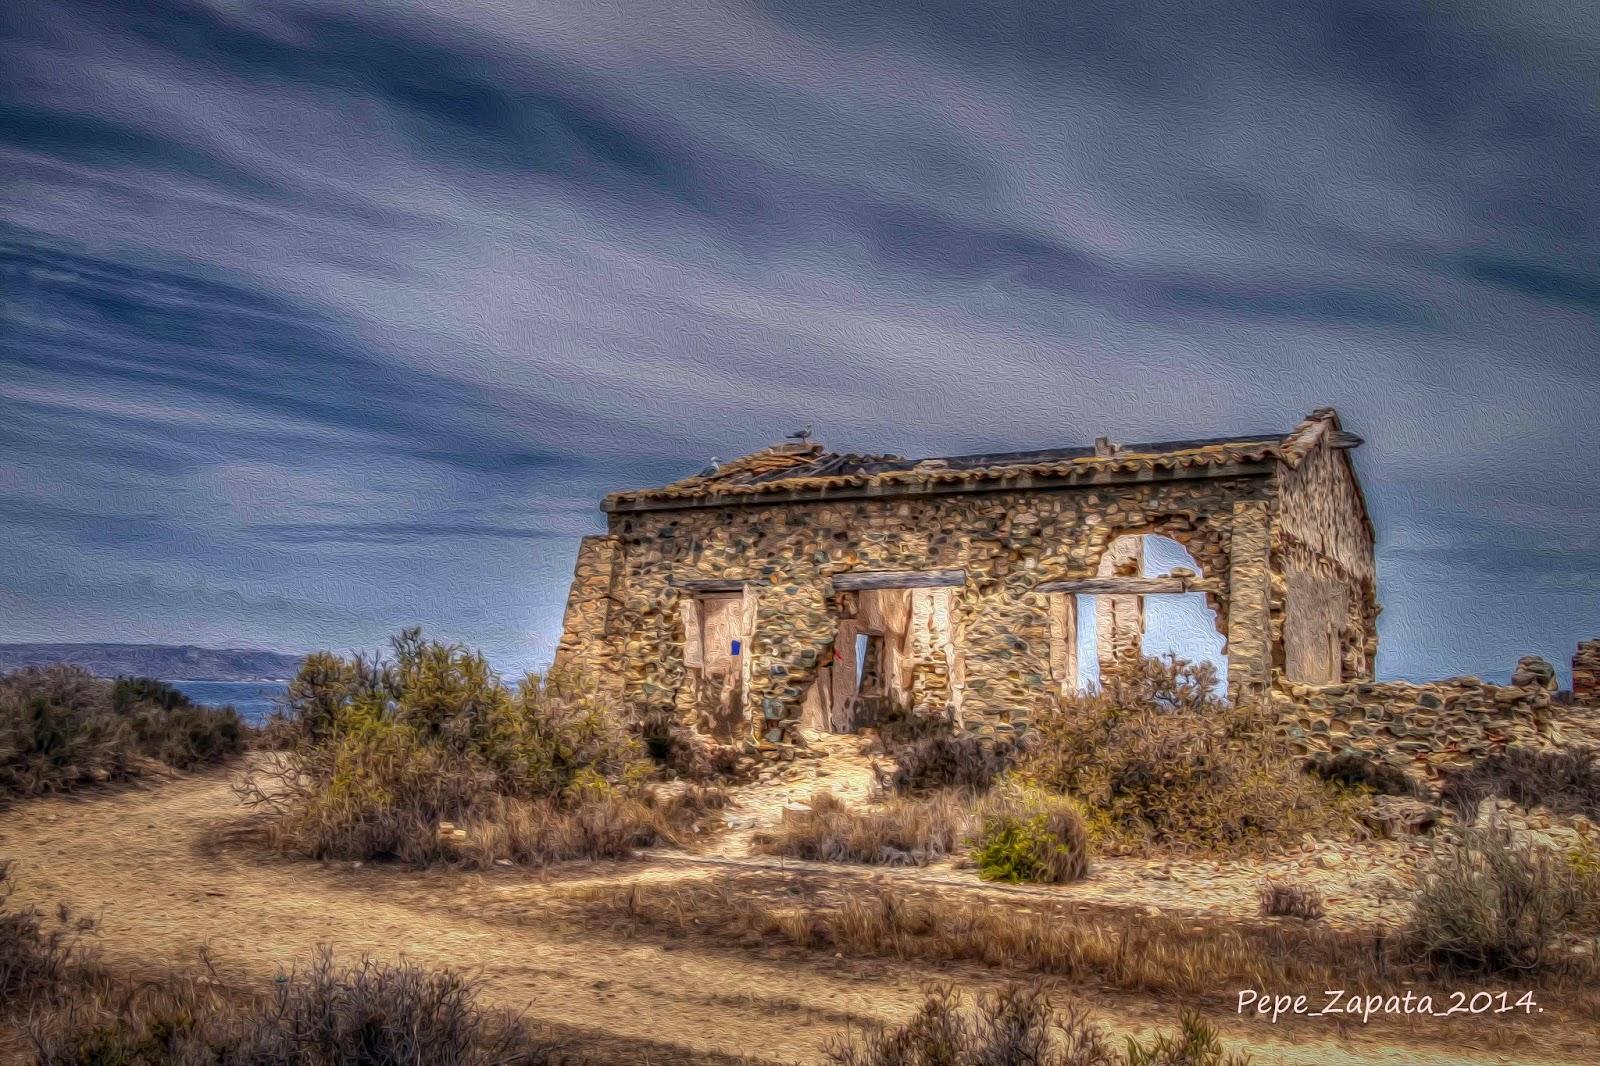 Retales visuales ruina de una casa en la isla de tabarca - Casas en tabarca ...